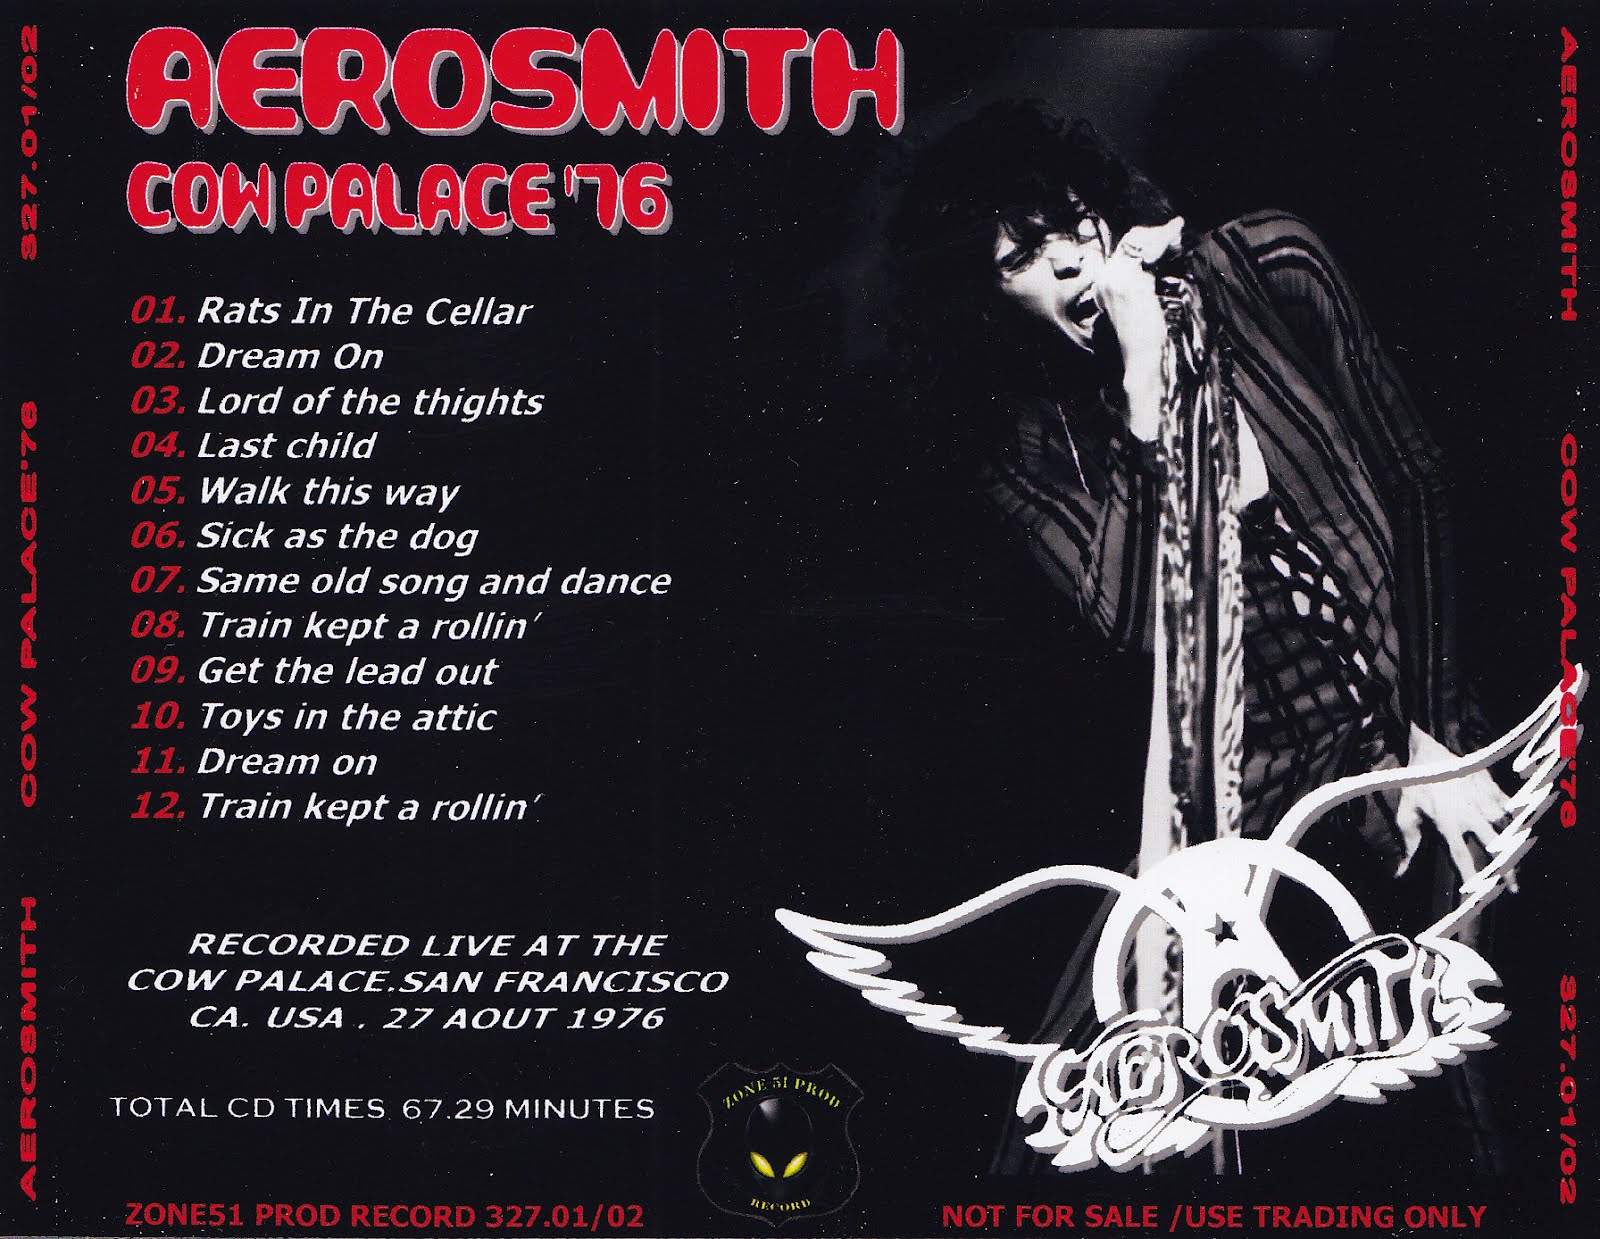 Aerosmith Bootlegs Cover Arts Cow Palace 76 San